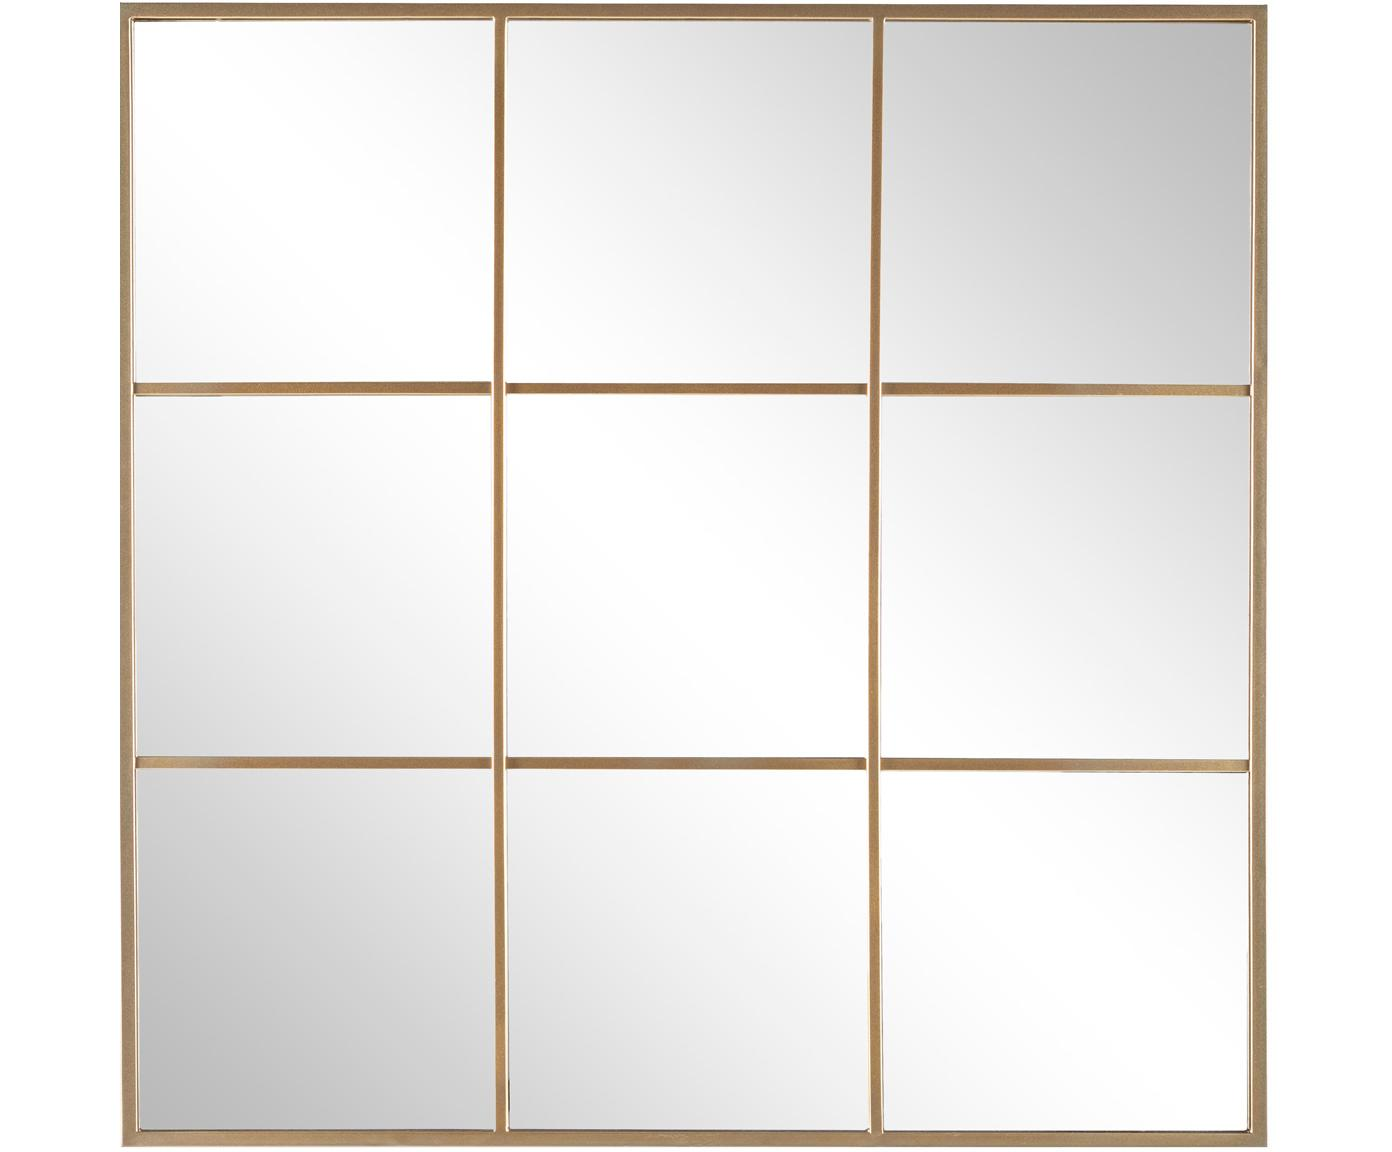 Specchio da parete con cornice in metallo dorato Nucleos, Cornice: metallo rivestito, Superficie dello specchio: lastra di vetro, Dorato, Ø 90 x Alt. 90 cm